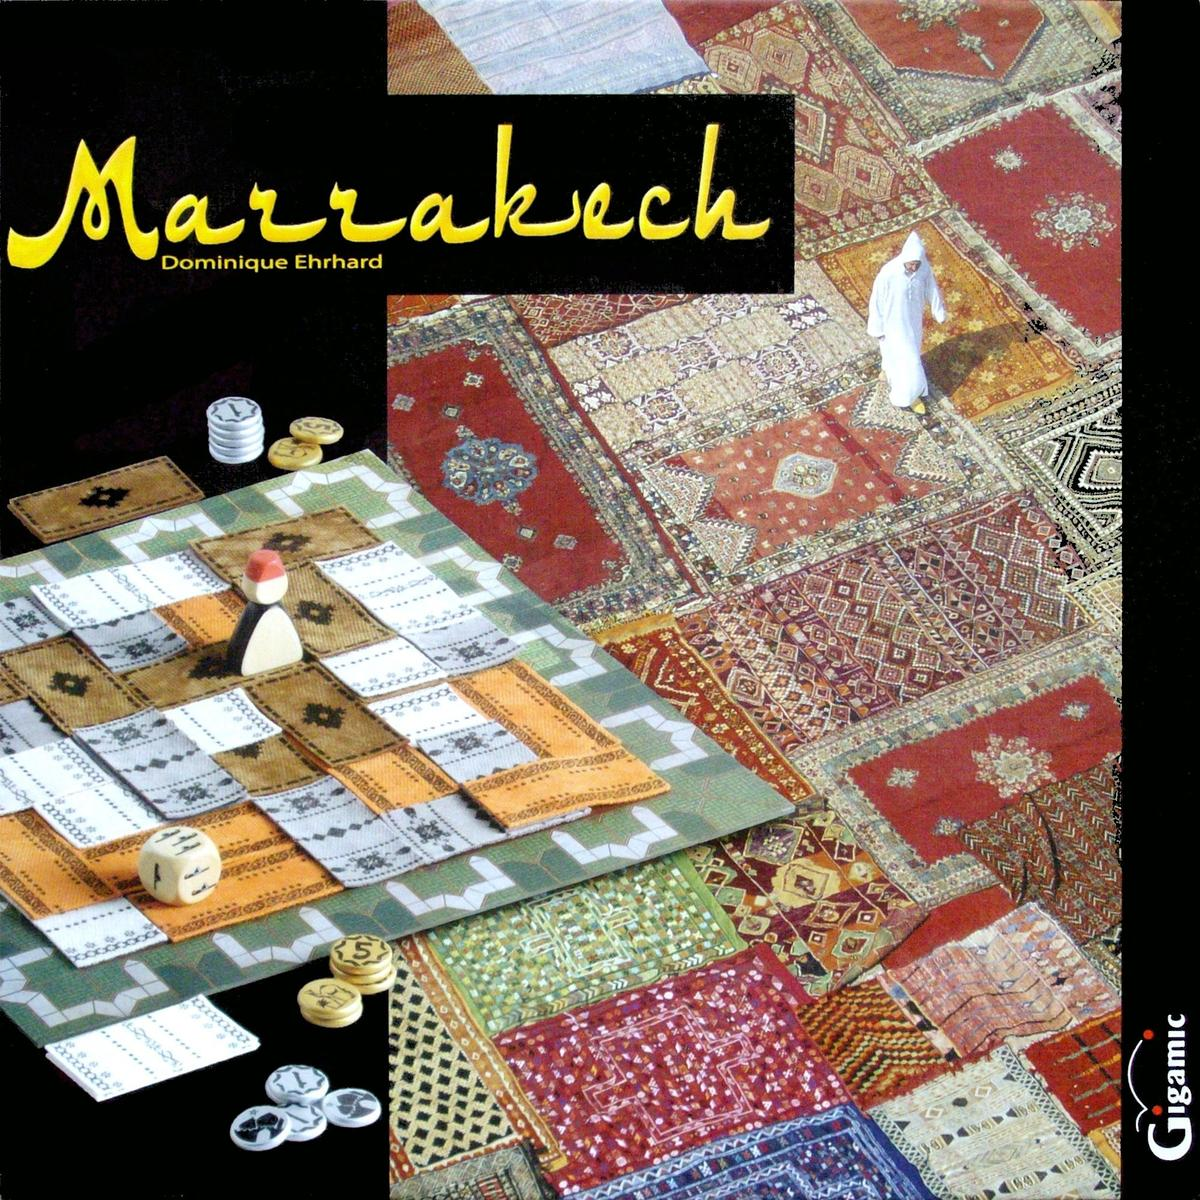 2007年版本封面(圖片來源:BGG)